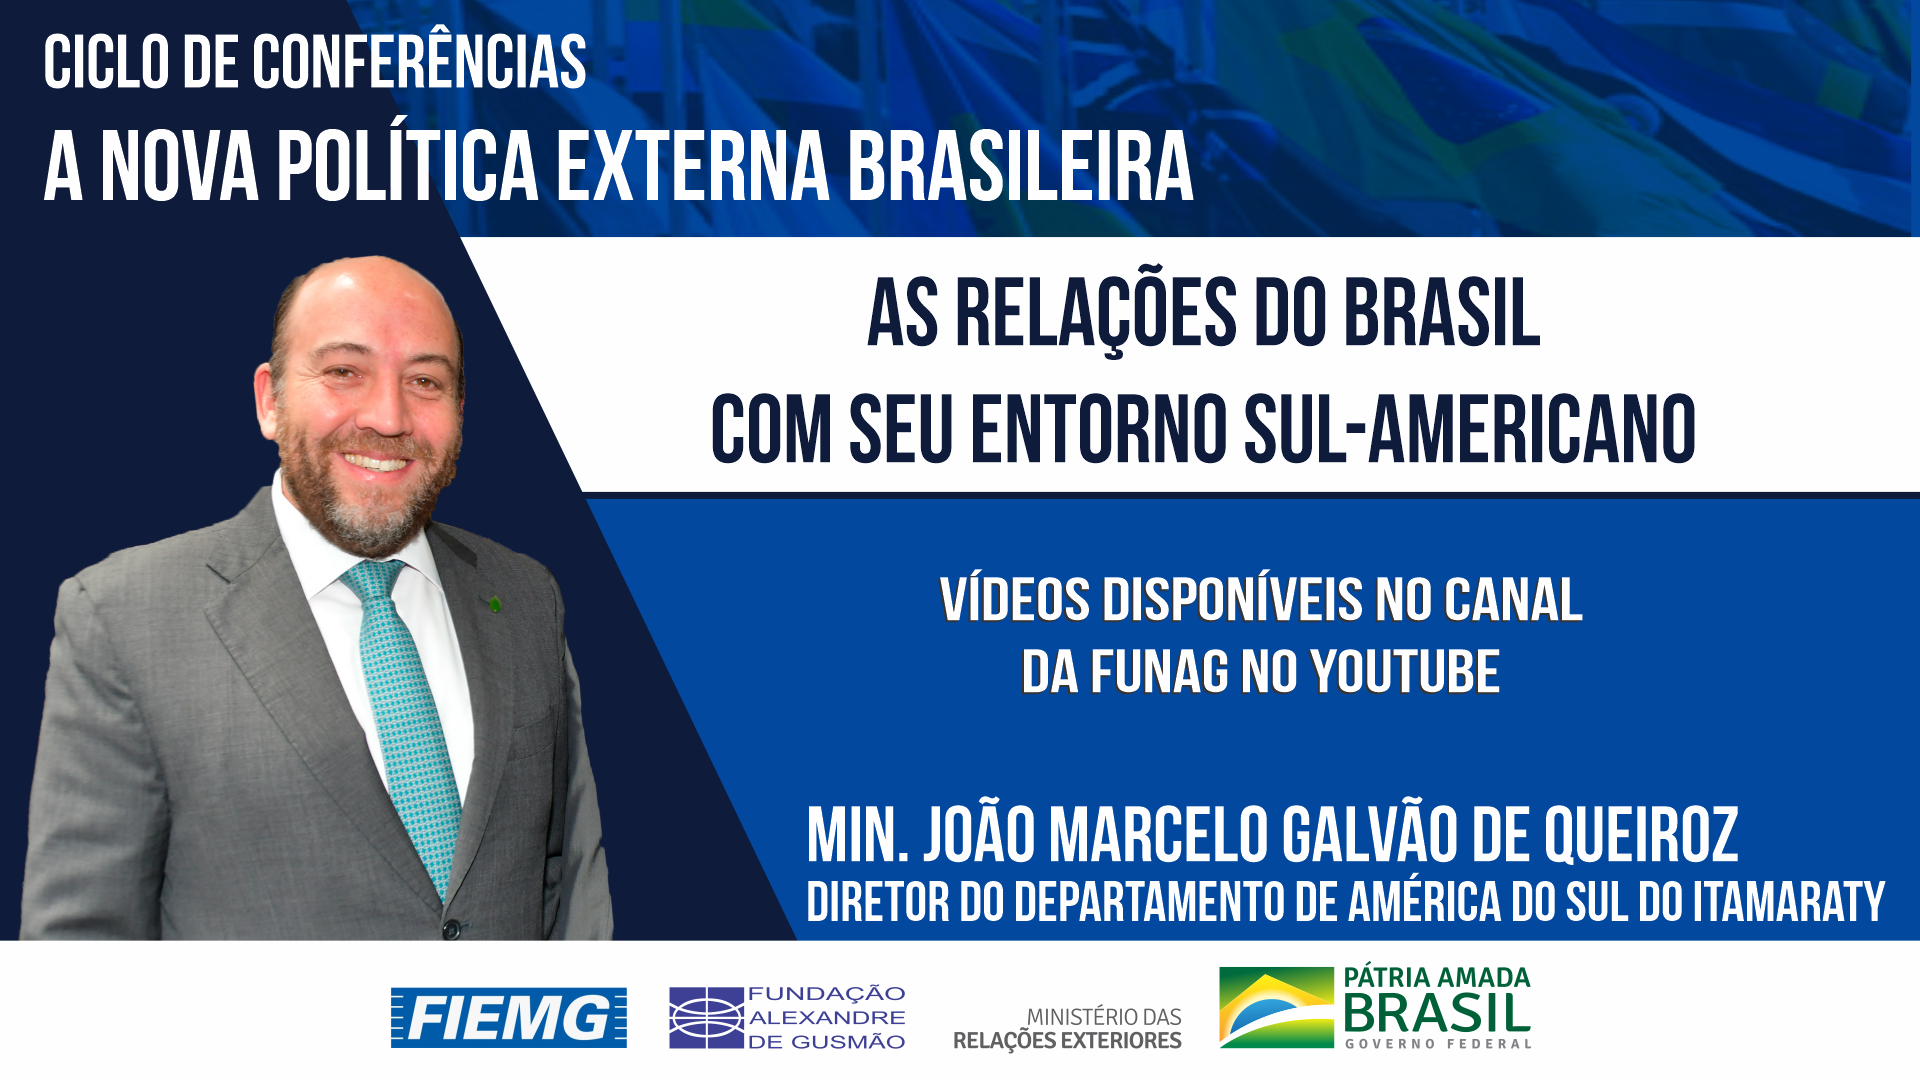 """Assista aos vídeos da conferência """"As relações do Brasil com seu entorno sul-americano"""""""